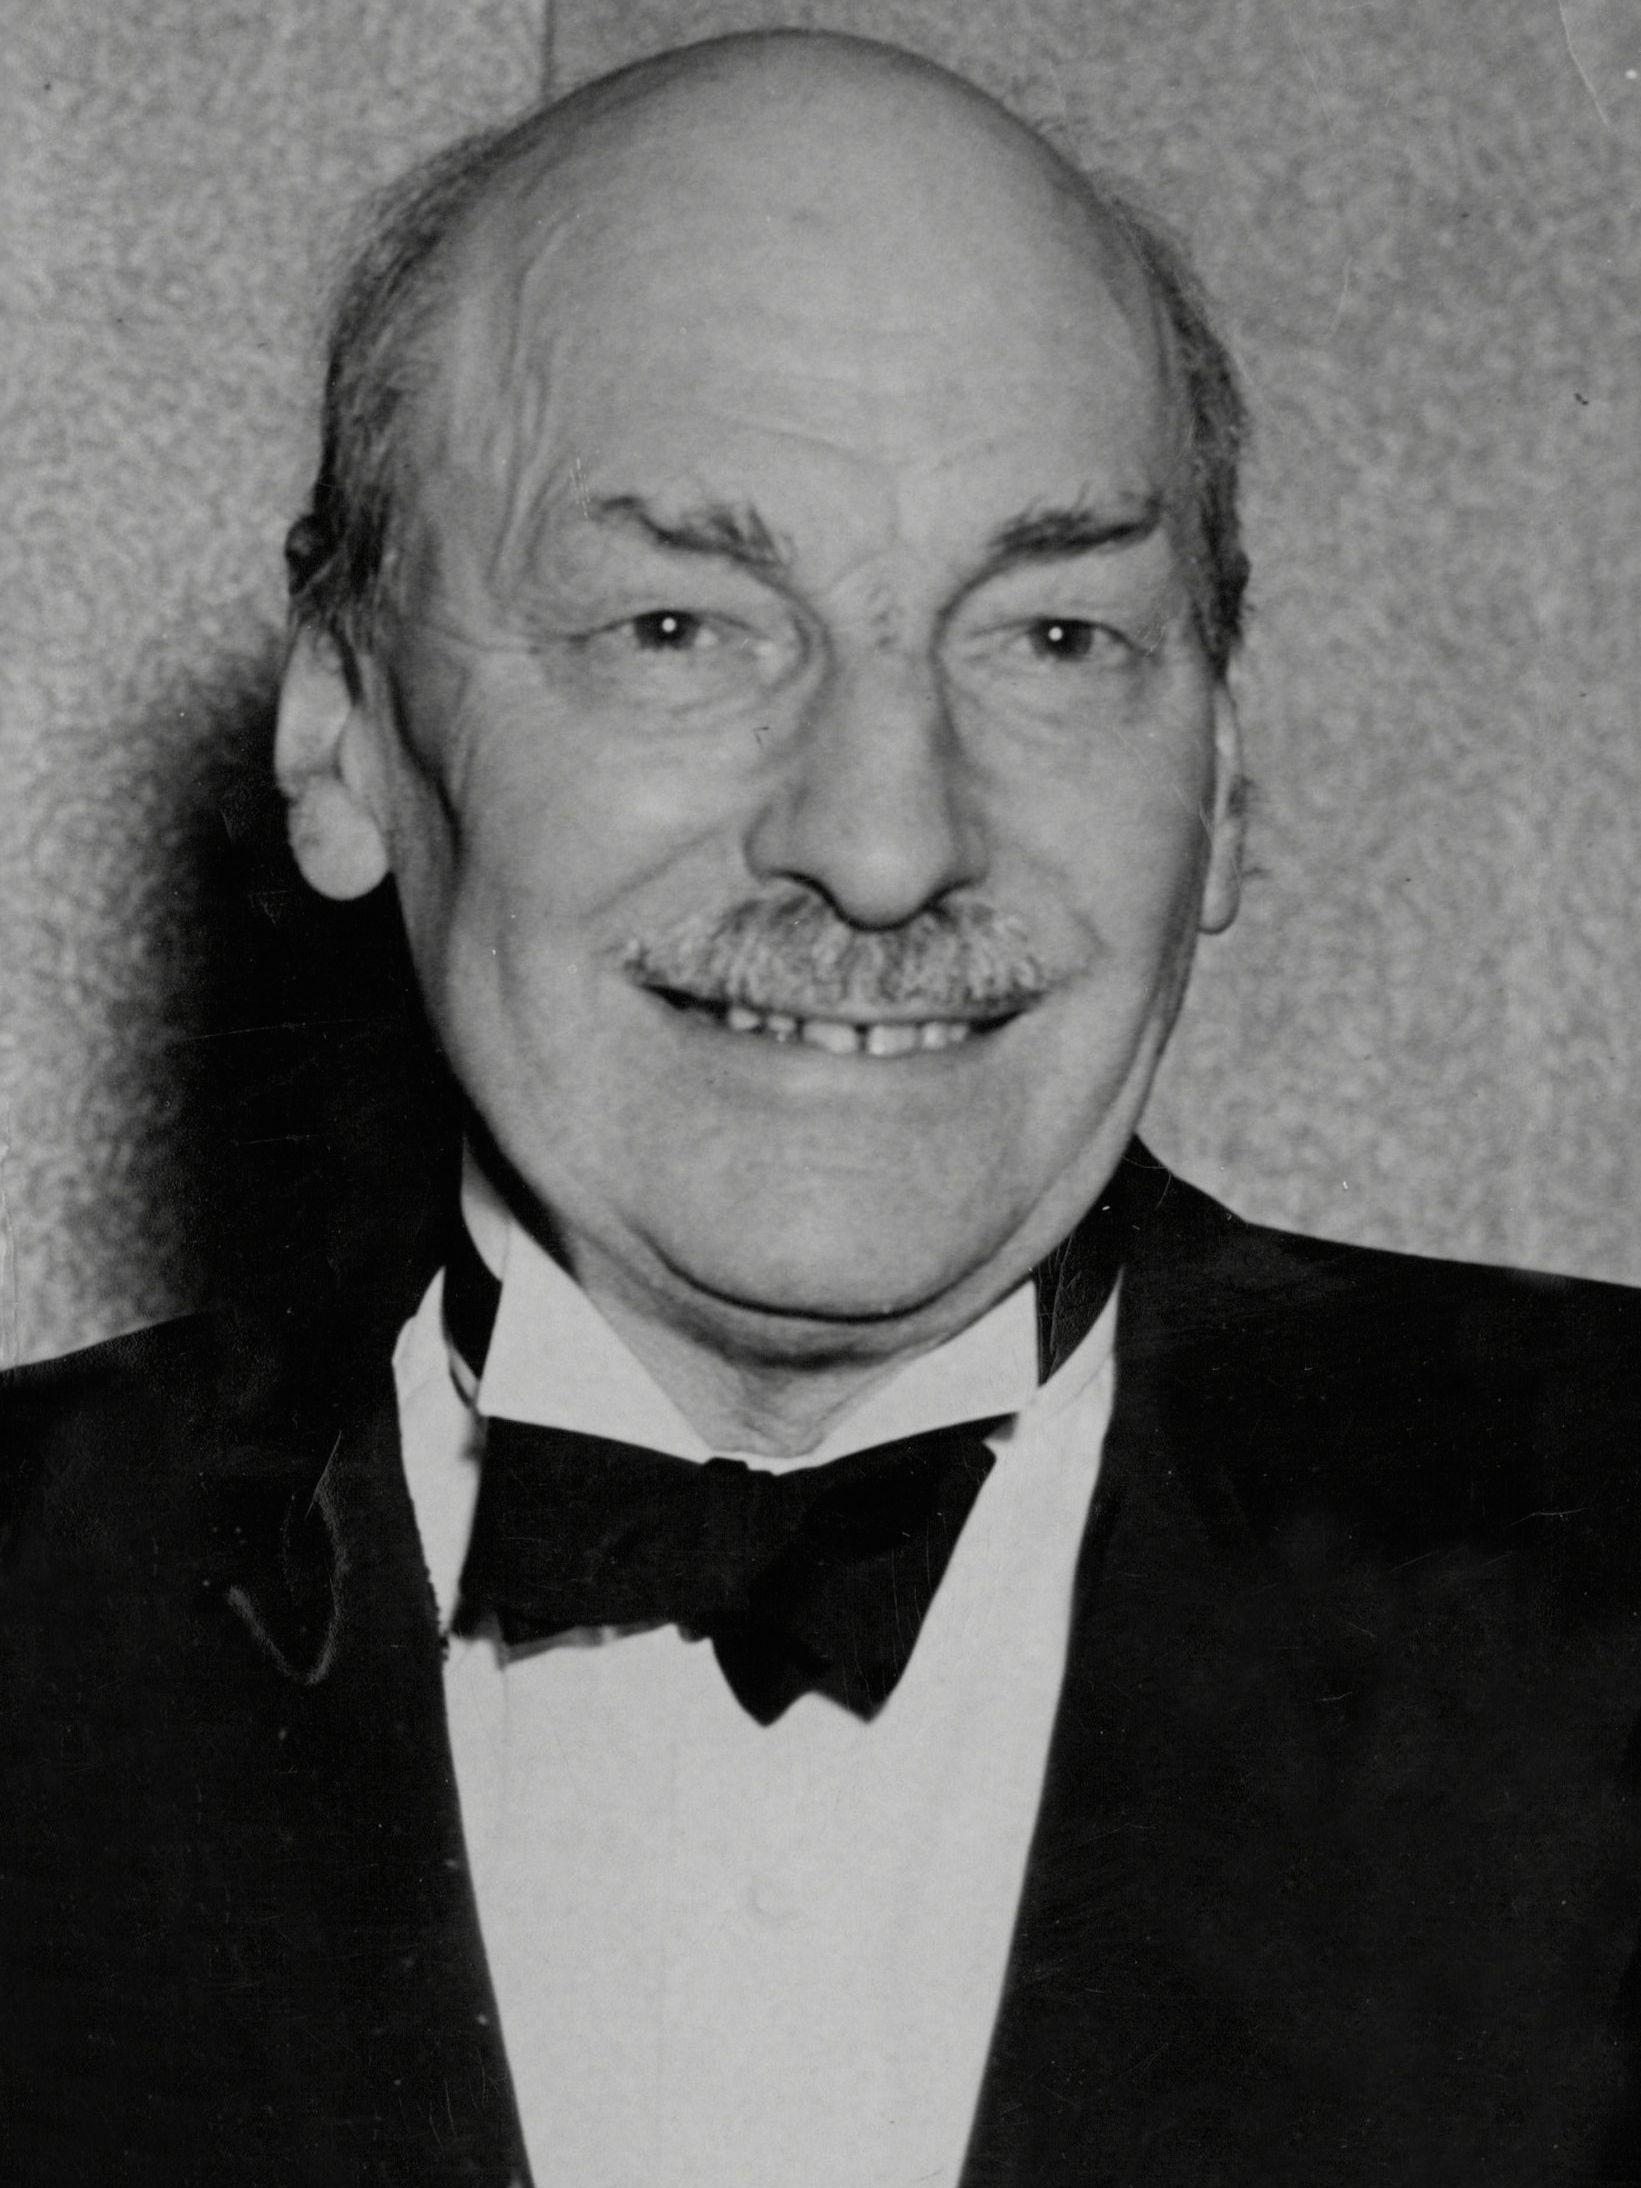 Martin Attlee, 2nd Earl Attlee